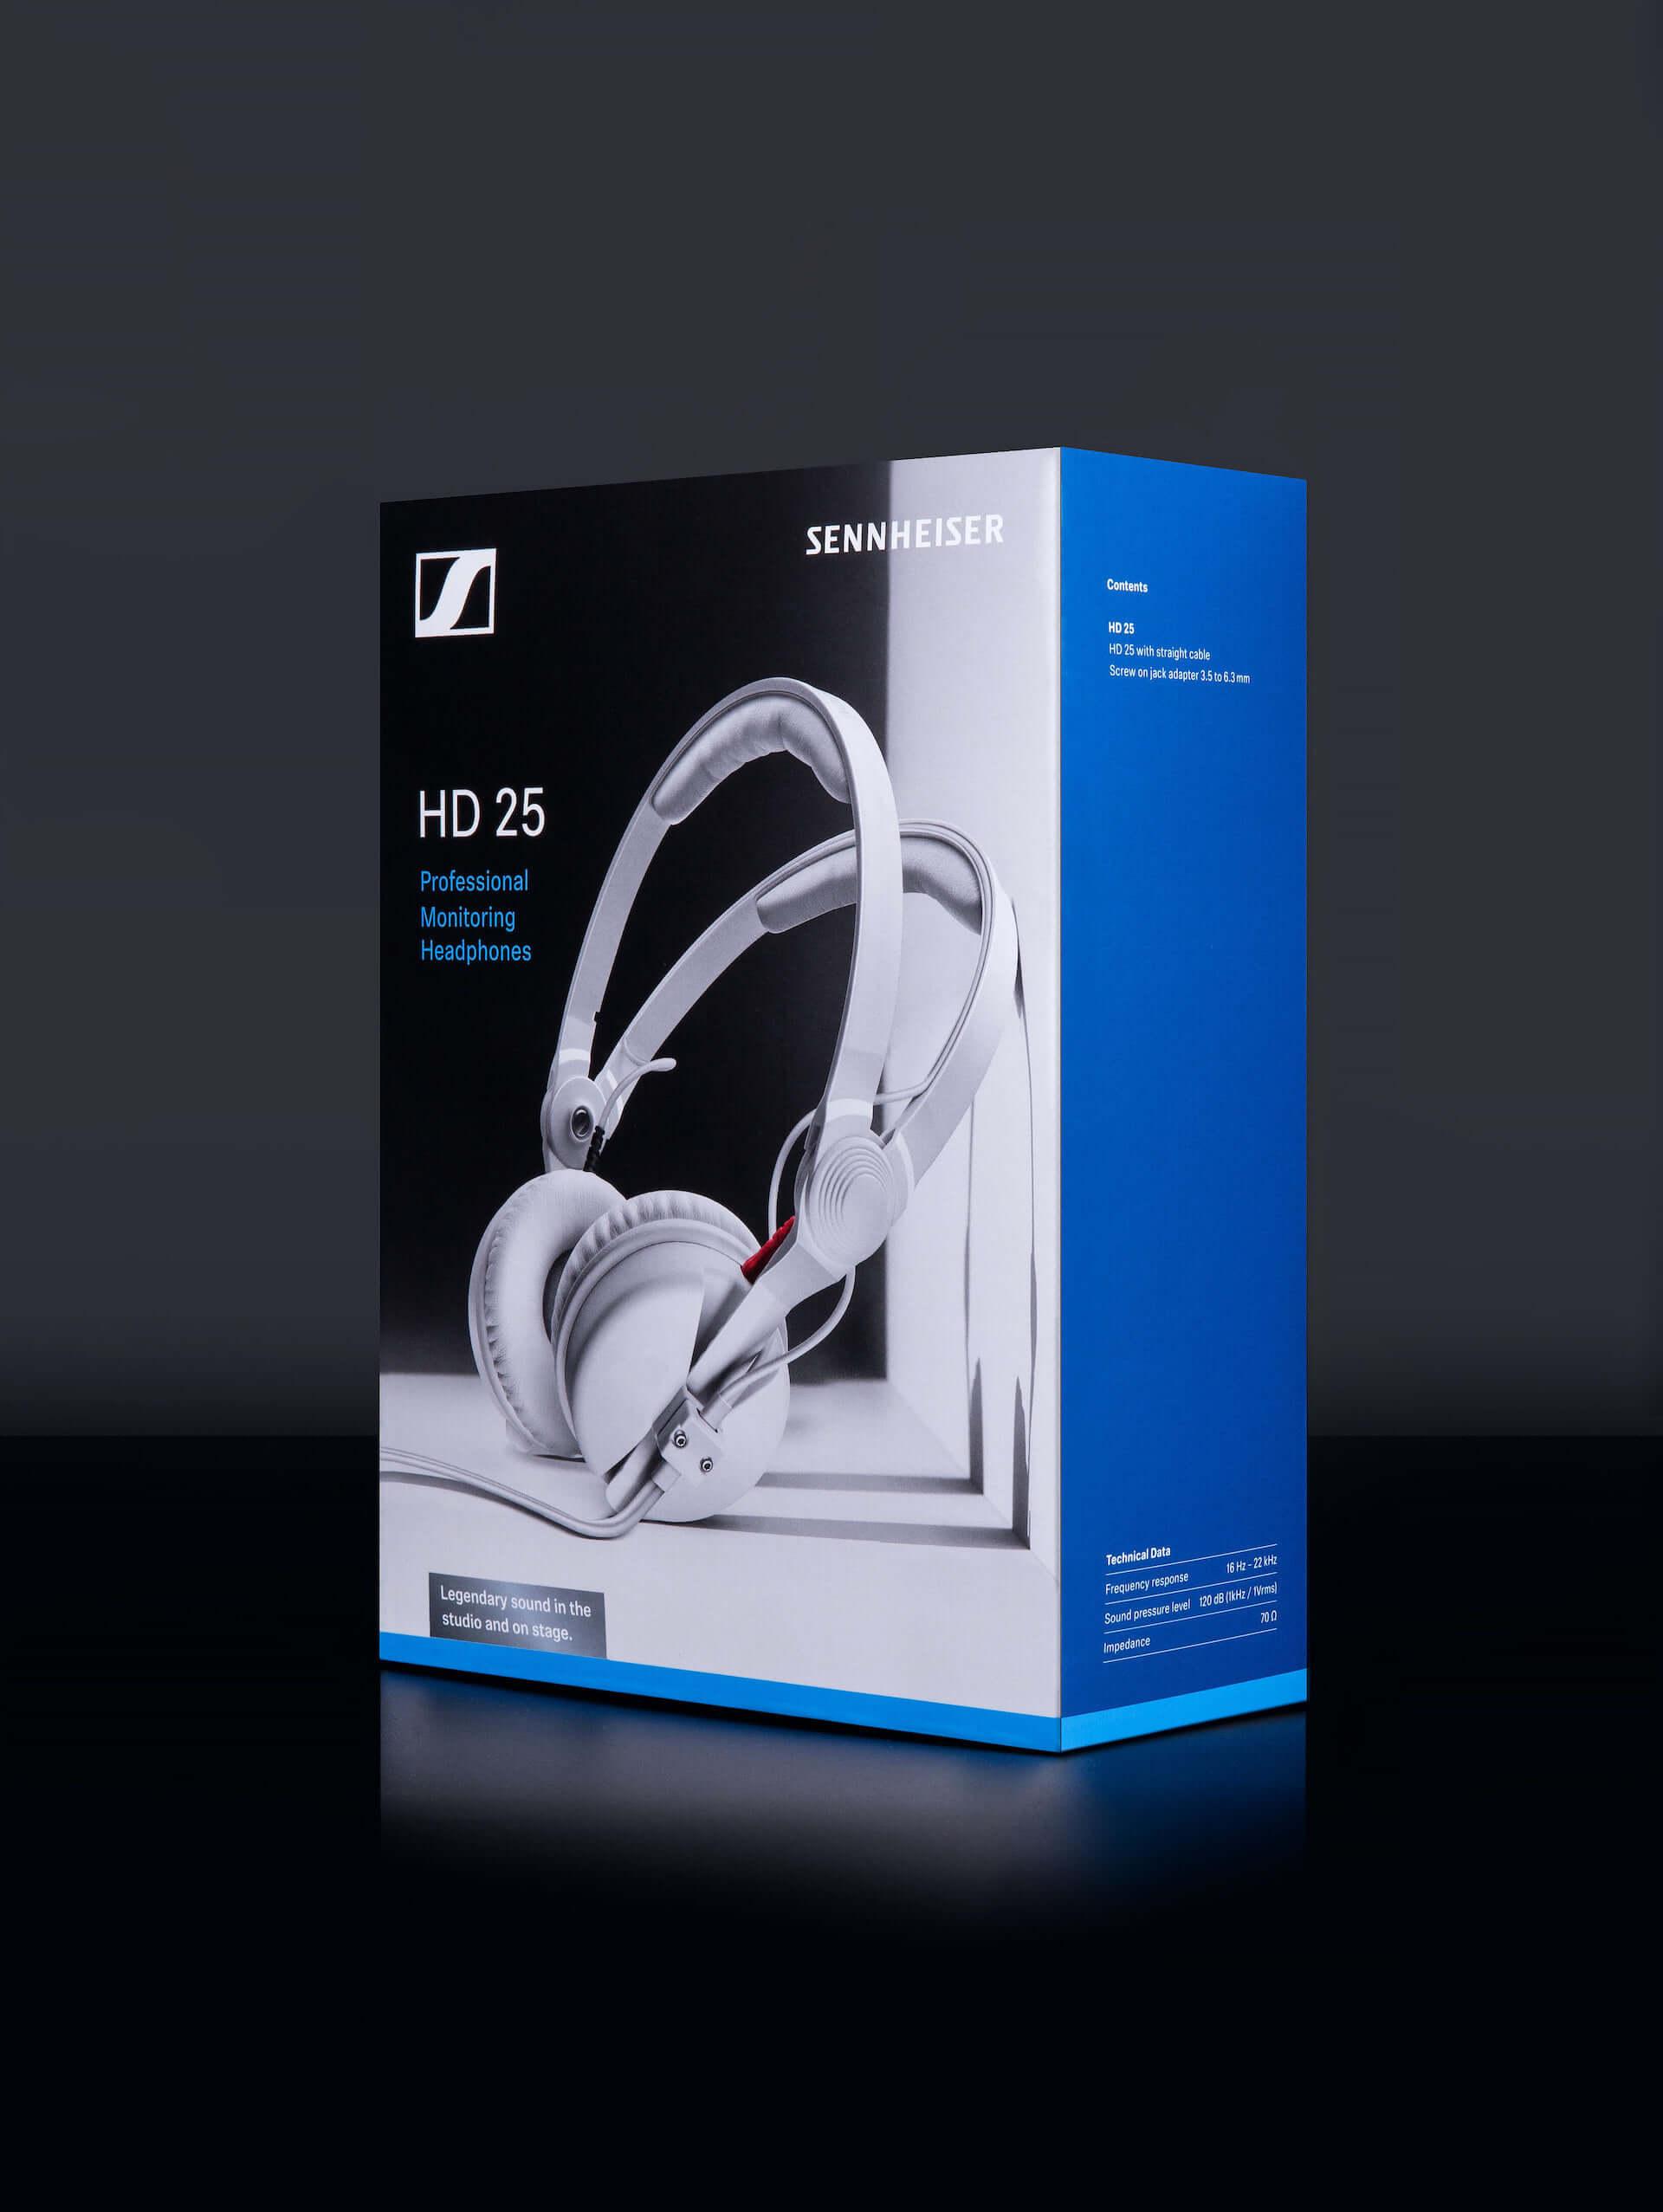 ゼンハイザーのモニターヘッドホン『HD 25』が待望のホワイトカラーに!スペシャルモデルが数量限定で登場 tech200910_sennheiser-hd25_1-1920x2554